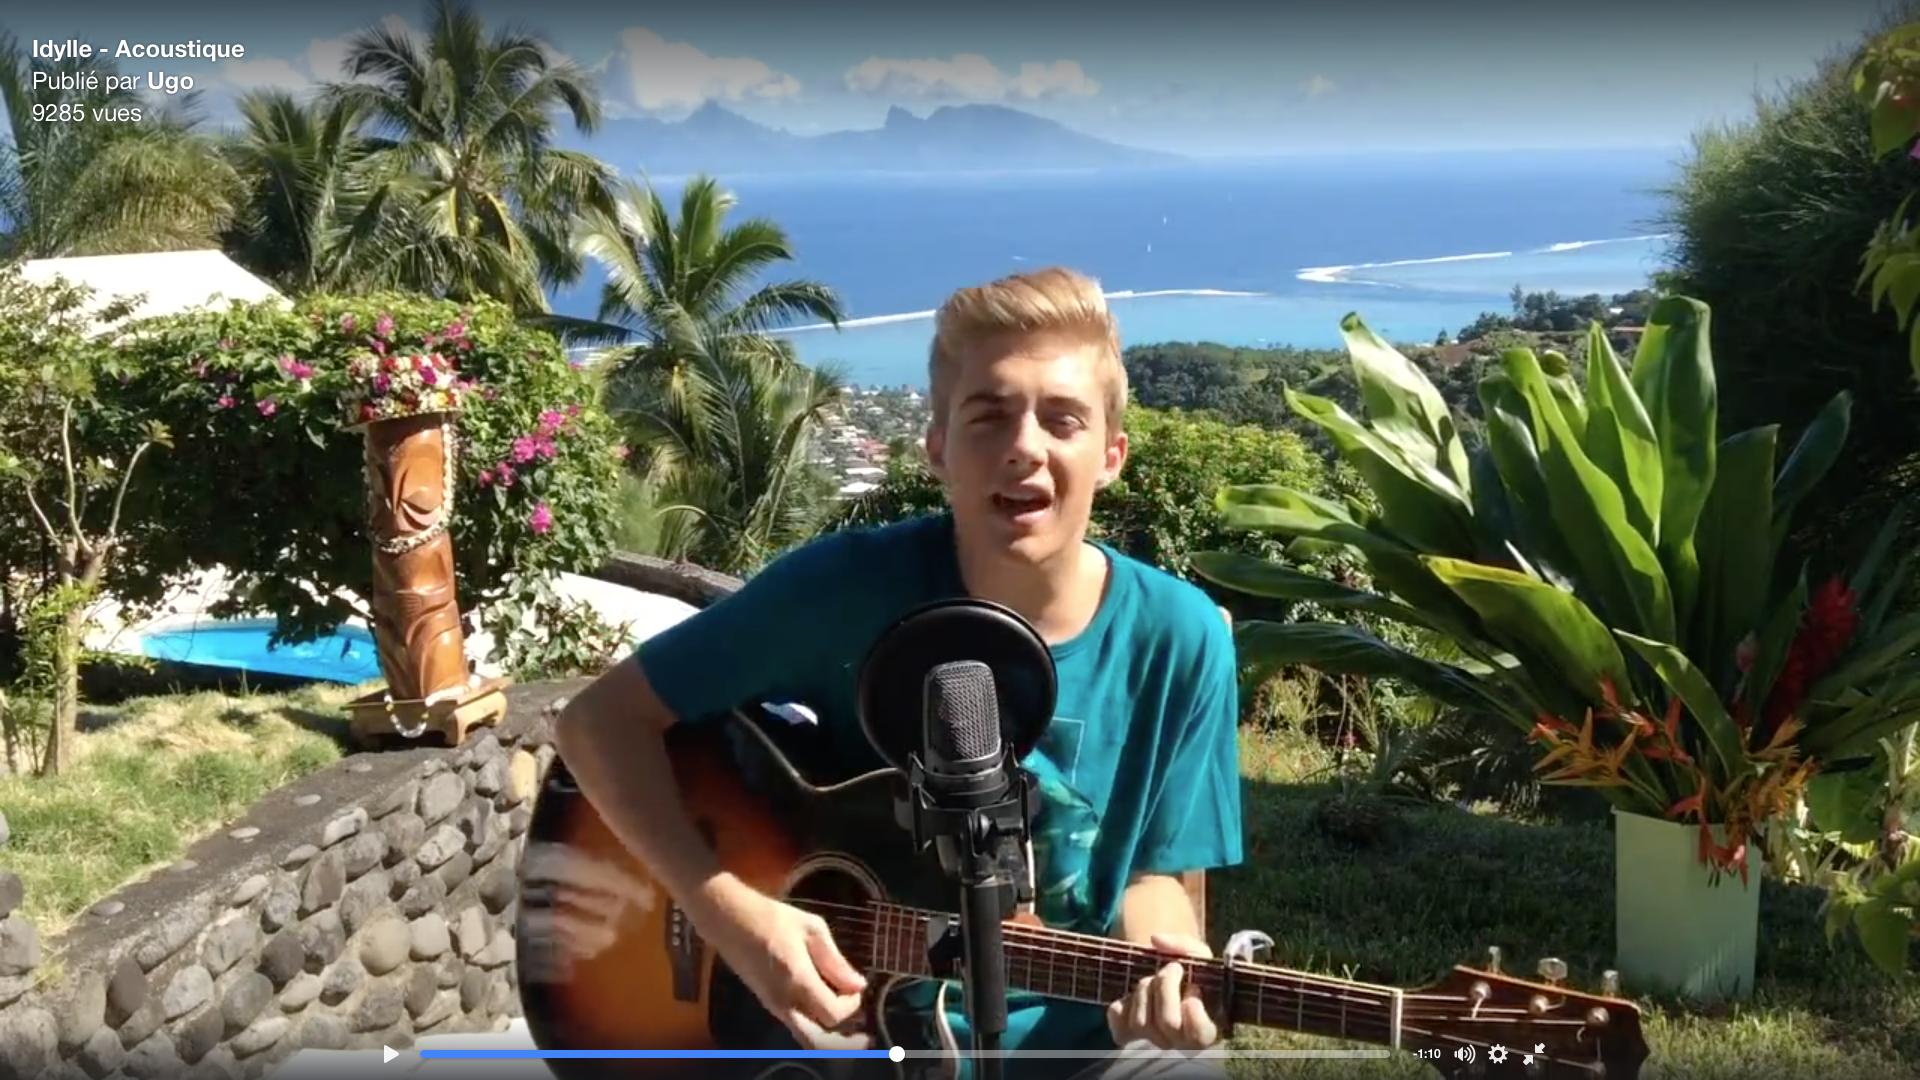 Le jeune homme de 18 ans a posté une vidéo sur sa page Facebook pour offrir à ses fans un avant-goût de son prochain opus.